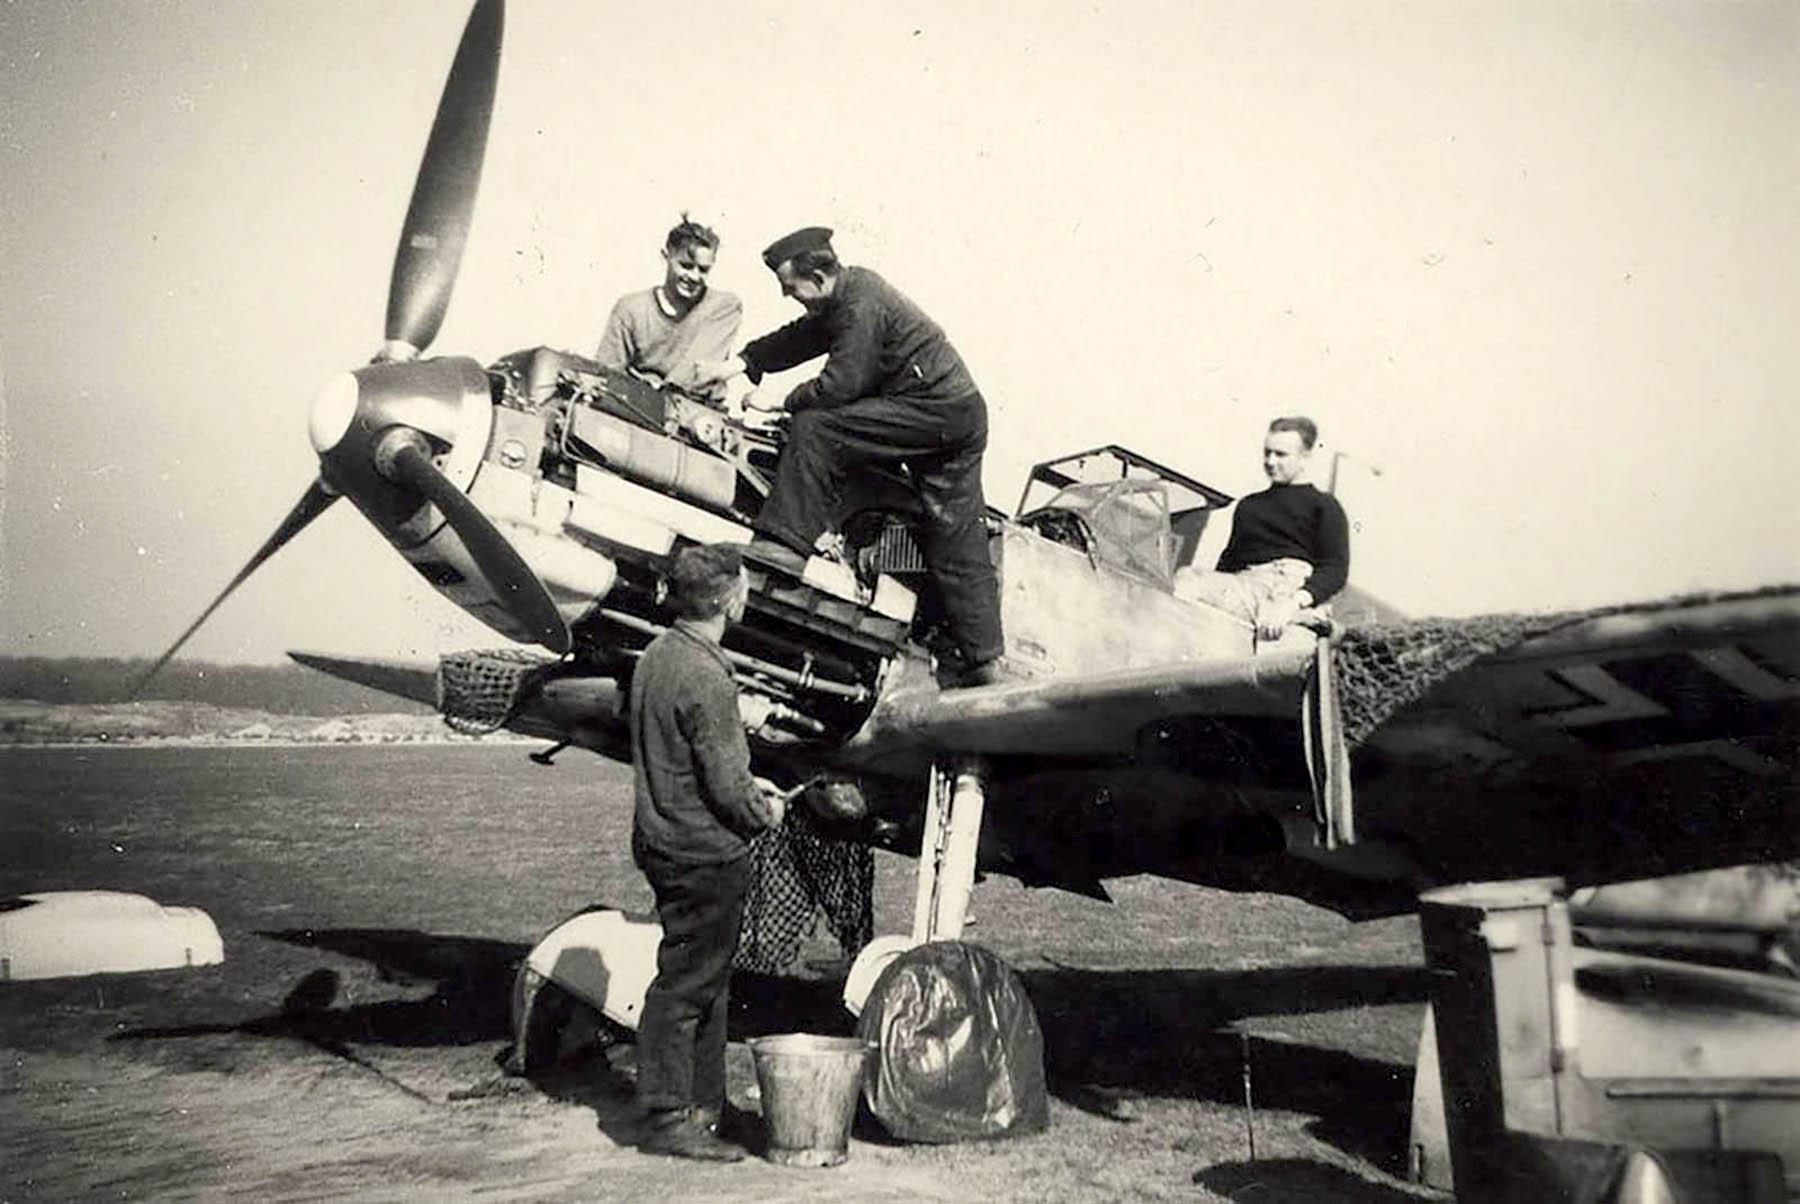 Messerschmitt Bf 109E4 3.JG52 Yellow 5 Woensdrecht Holland 26th April 1941 NIMH 01